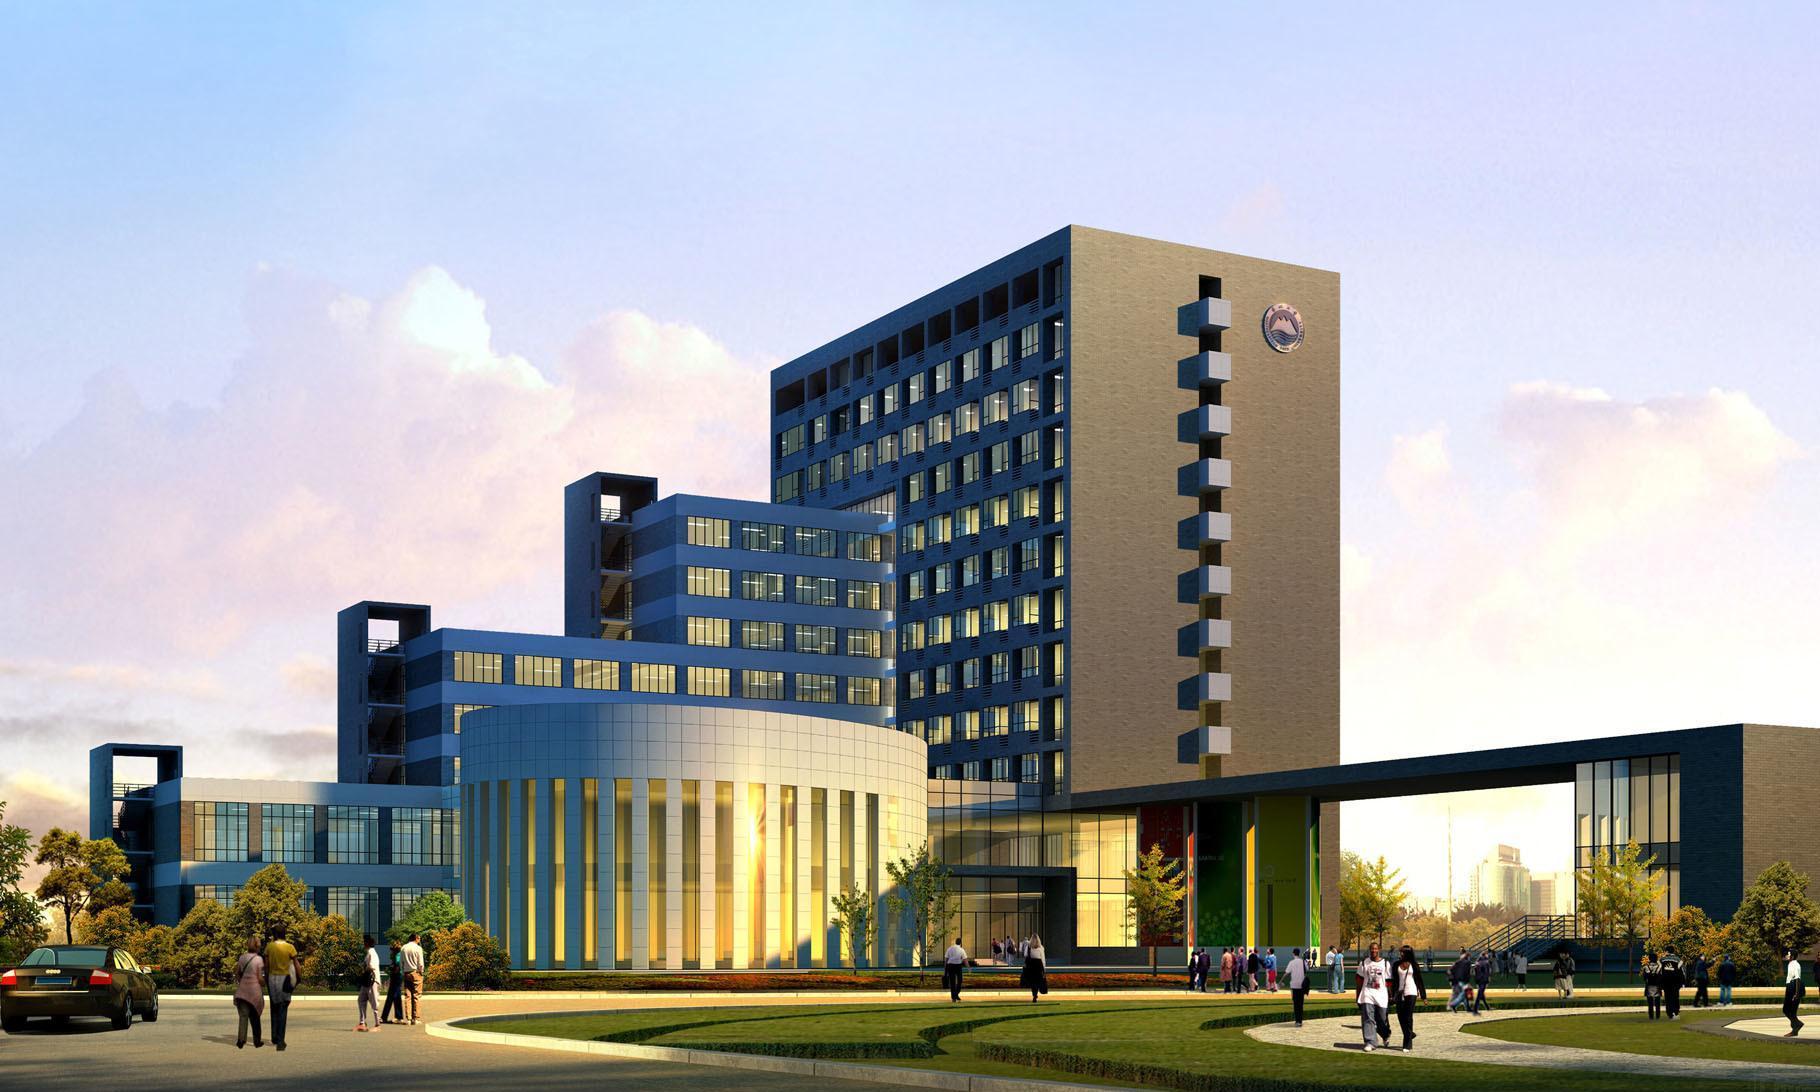 辽宁实力最强的一所大学,是世界一流建设高校,属985工程大学